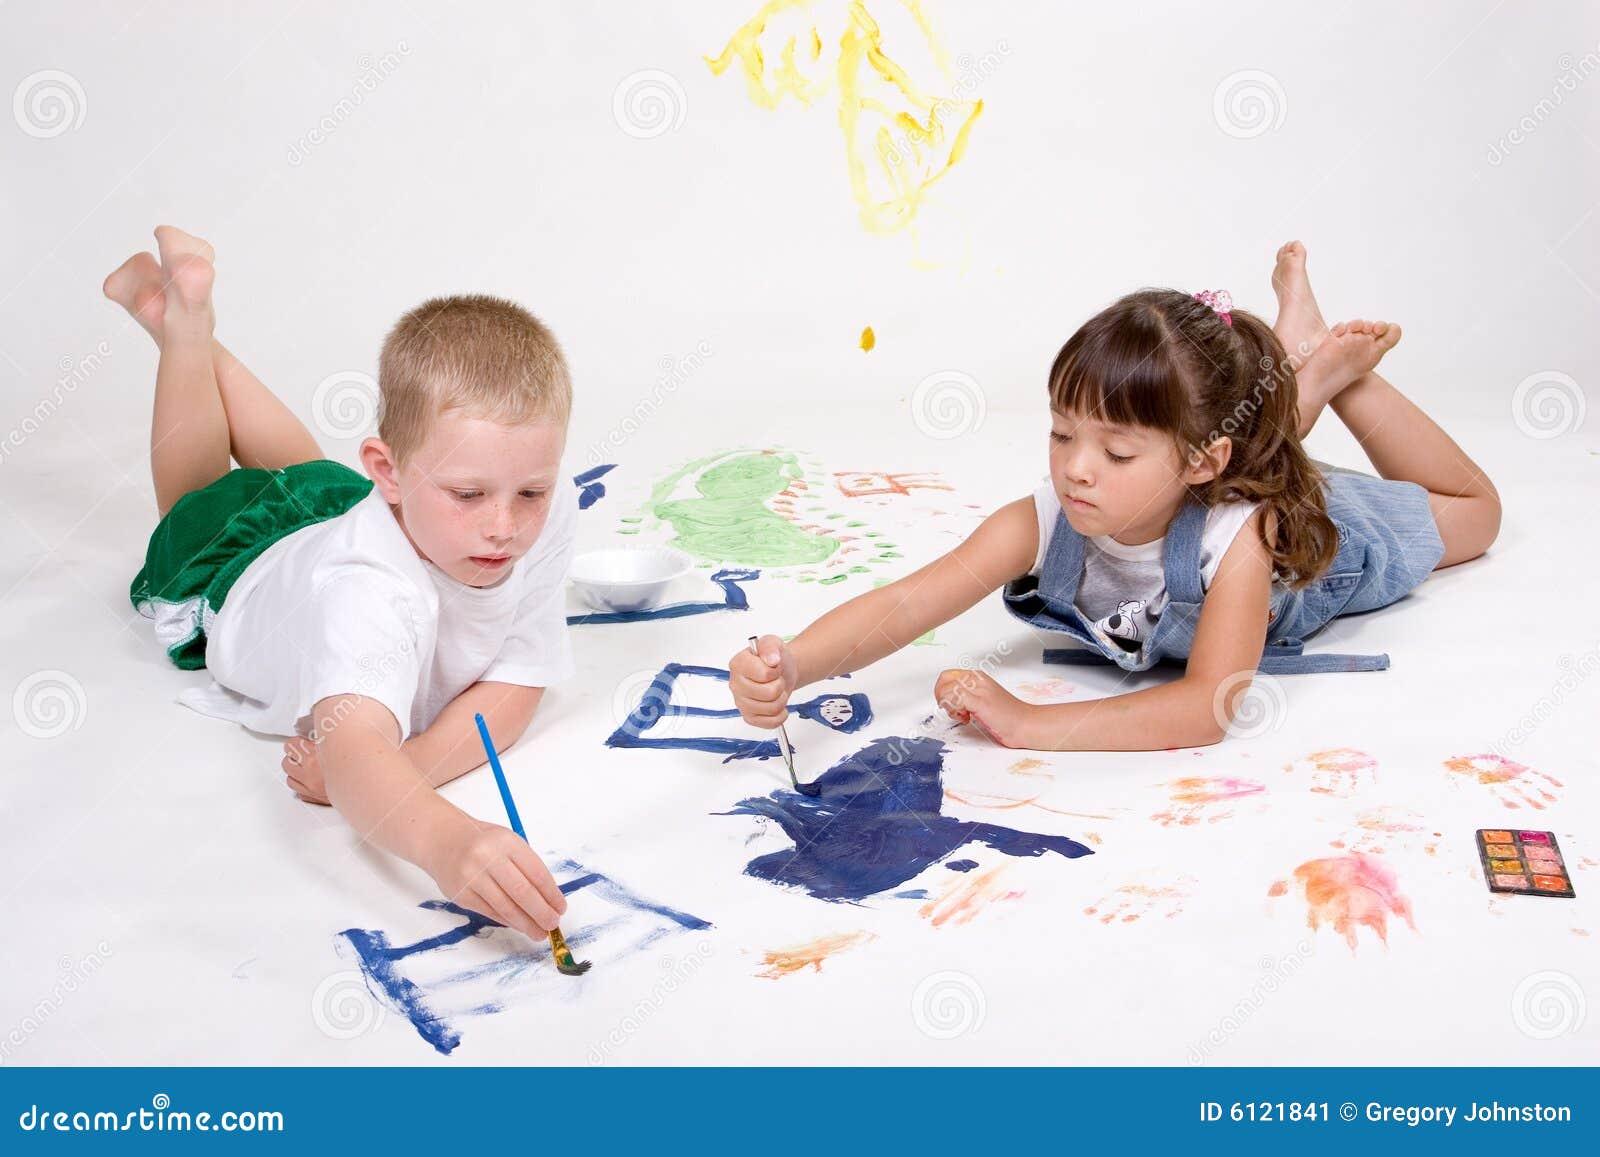 Kinderen die beelden schilderen stock afbeelding afbeelding 6121841 - Schilderen kind jongen ...